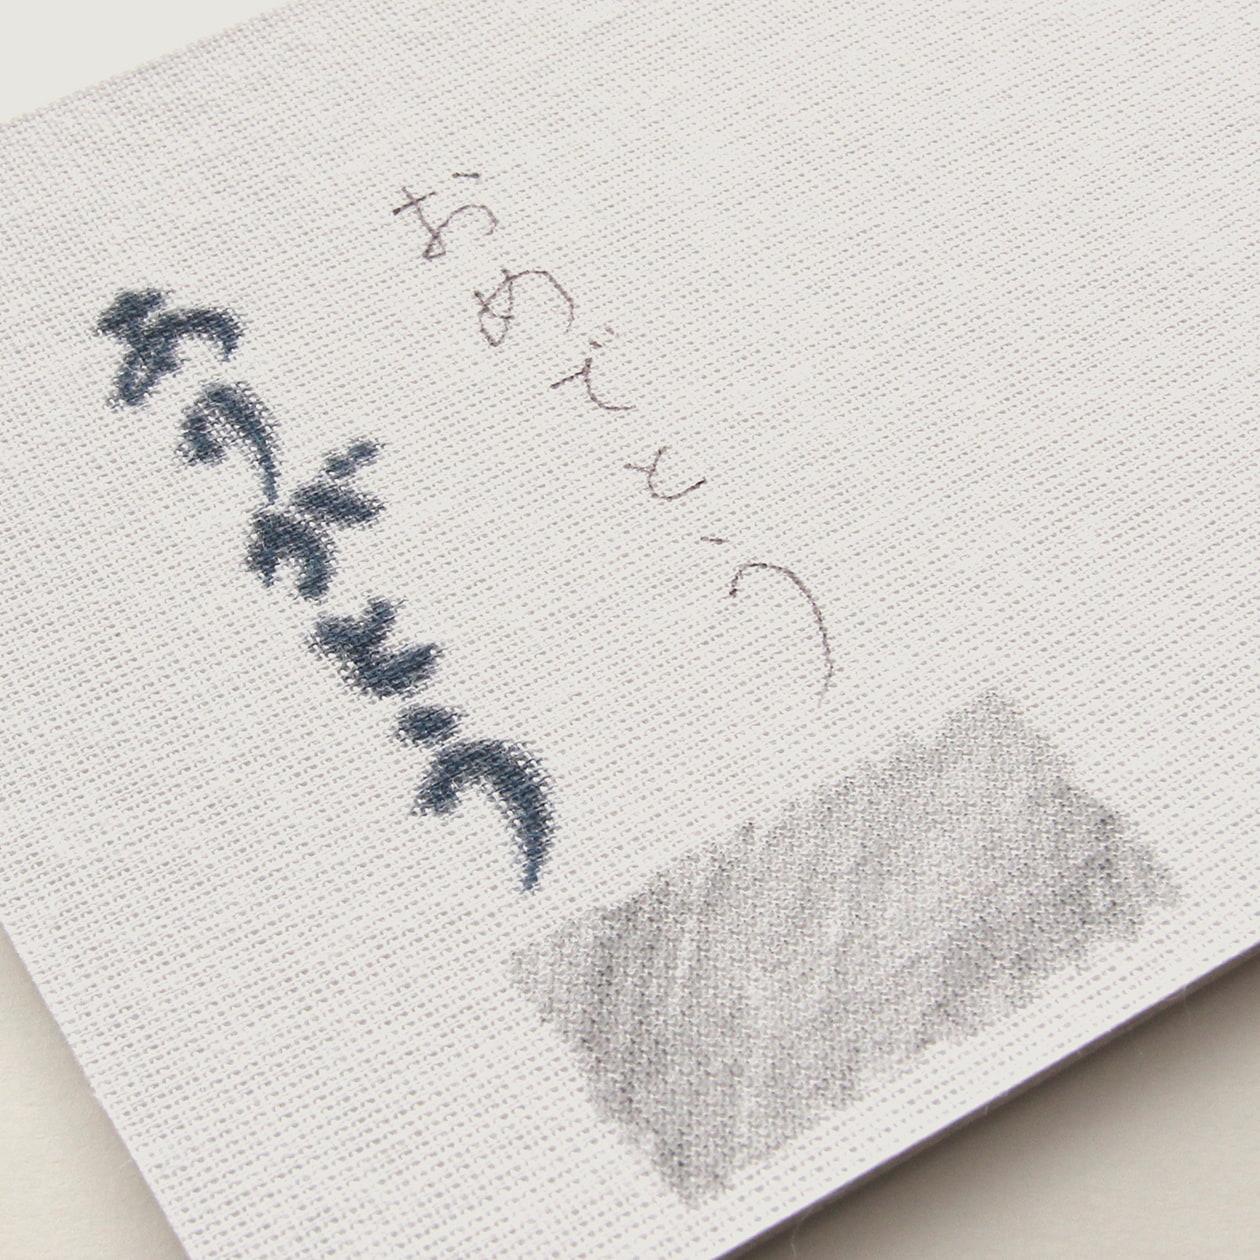 Pカード 細布 ホワイト×グレー